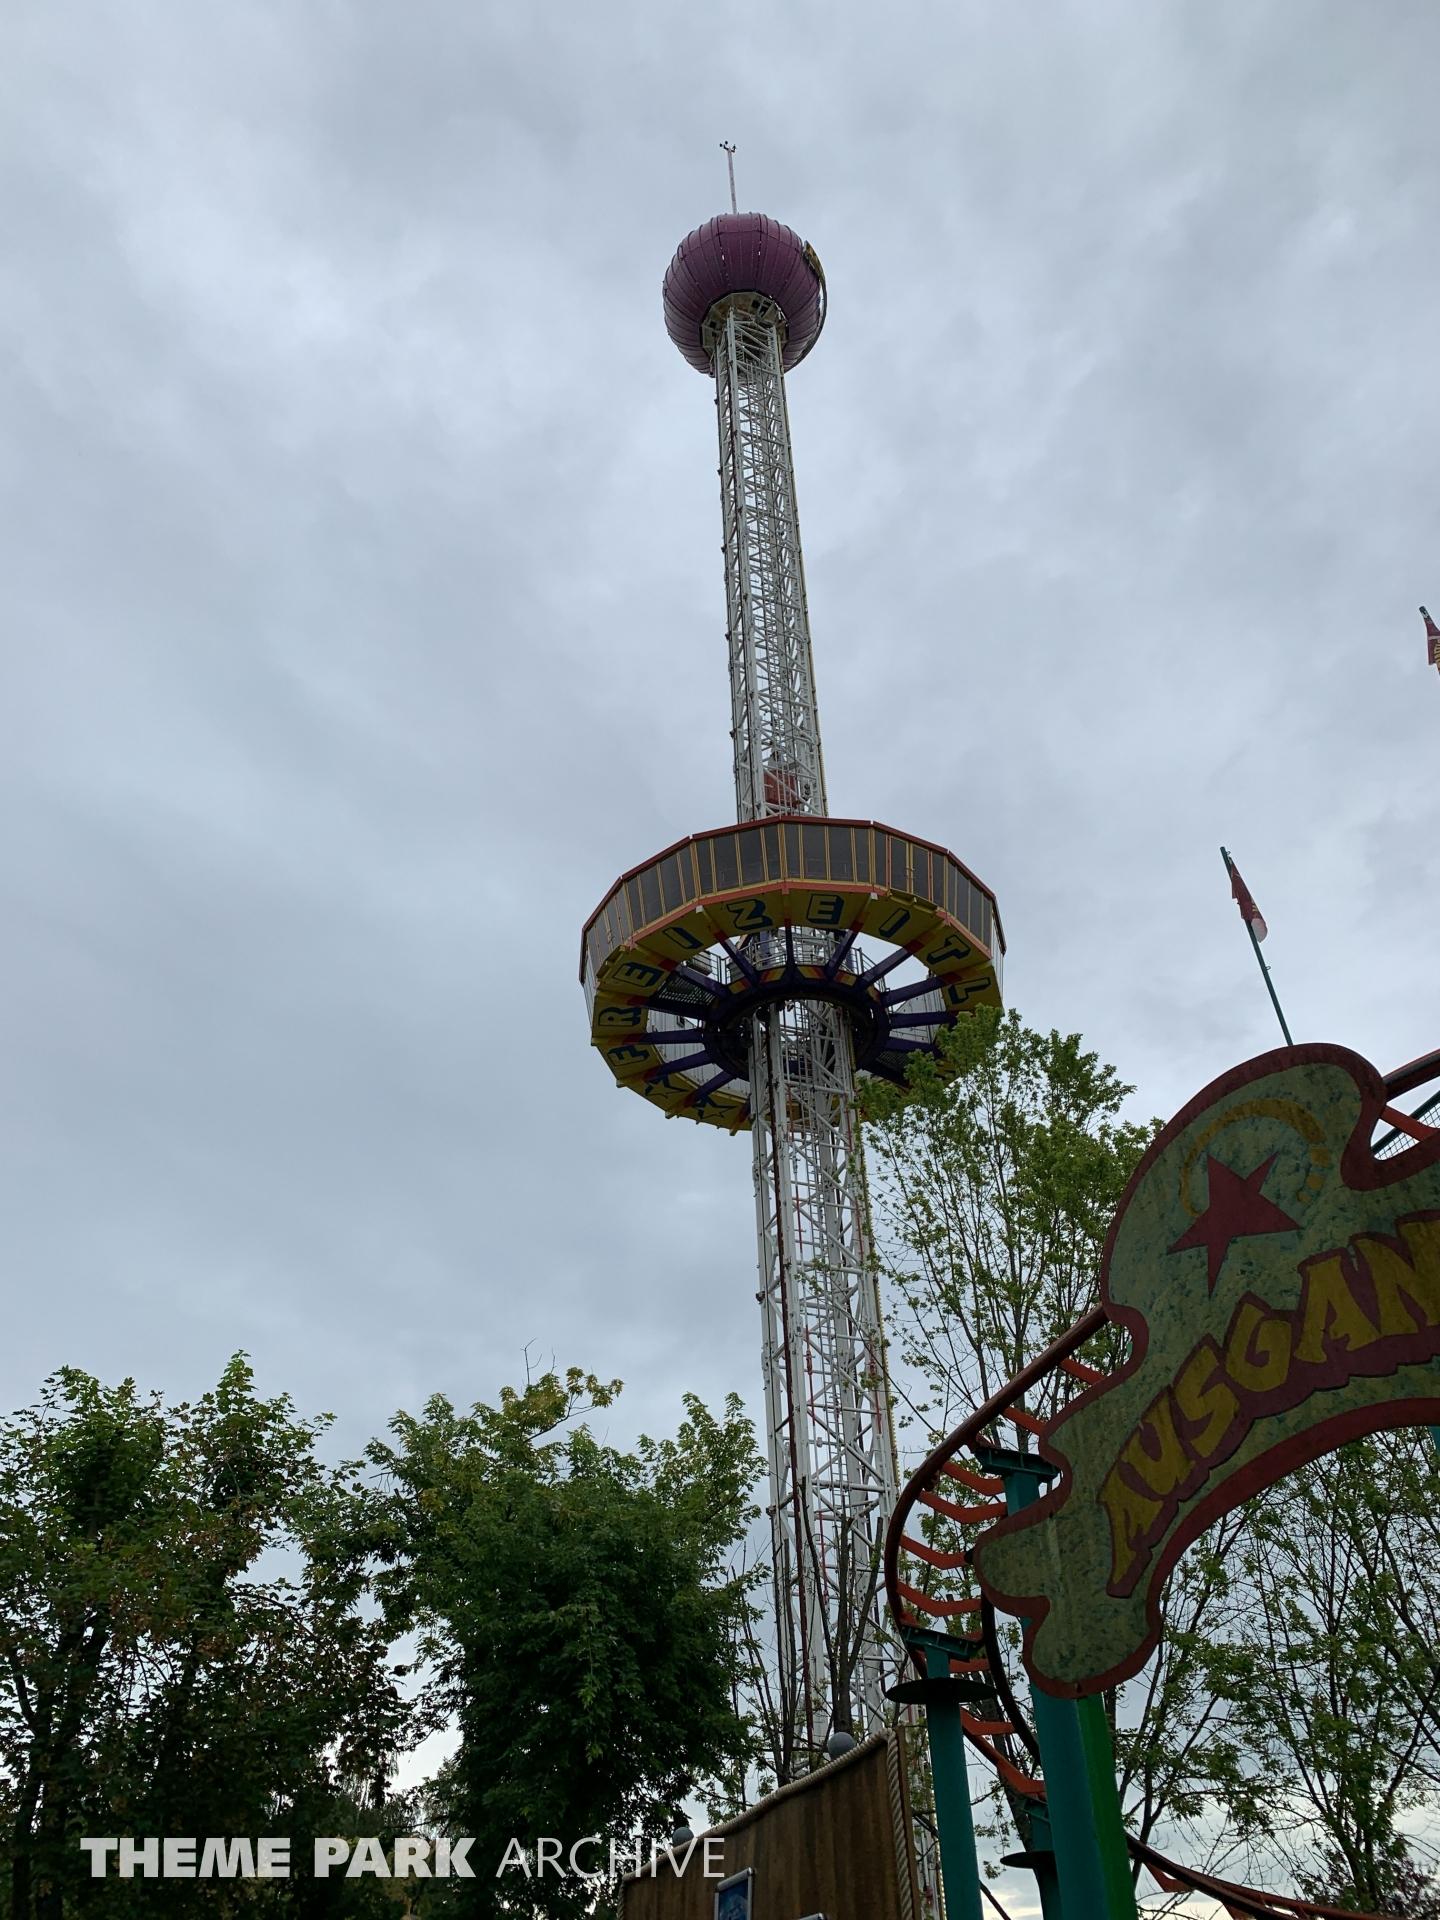 Top of the World at Freizeit Land Geiselwind